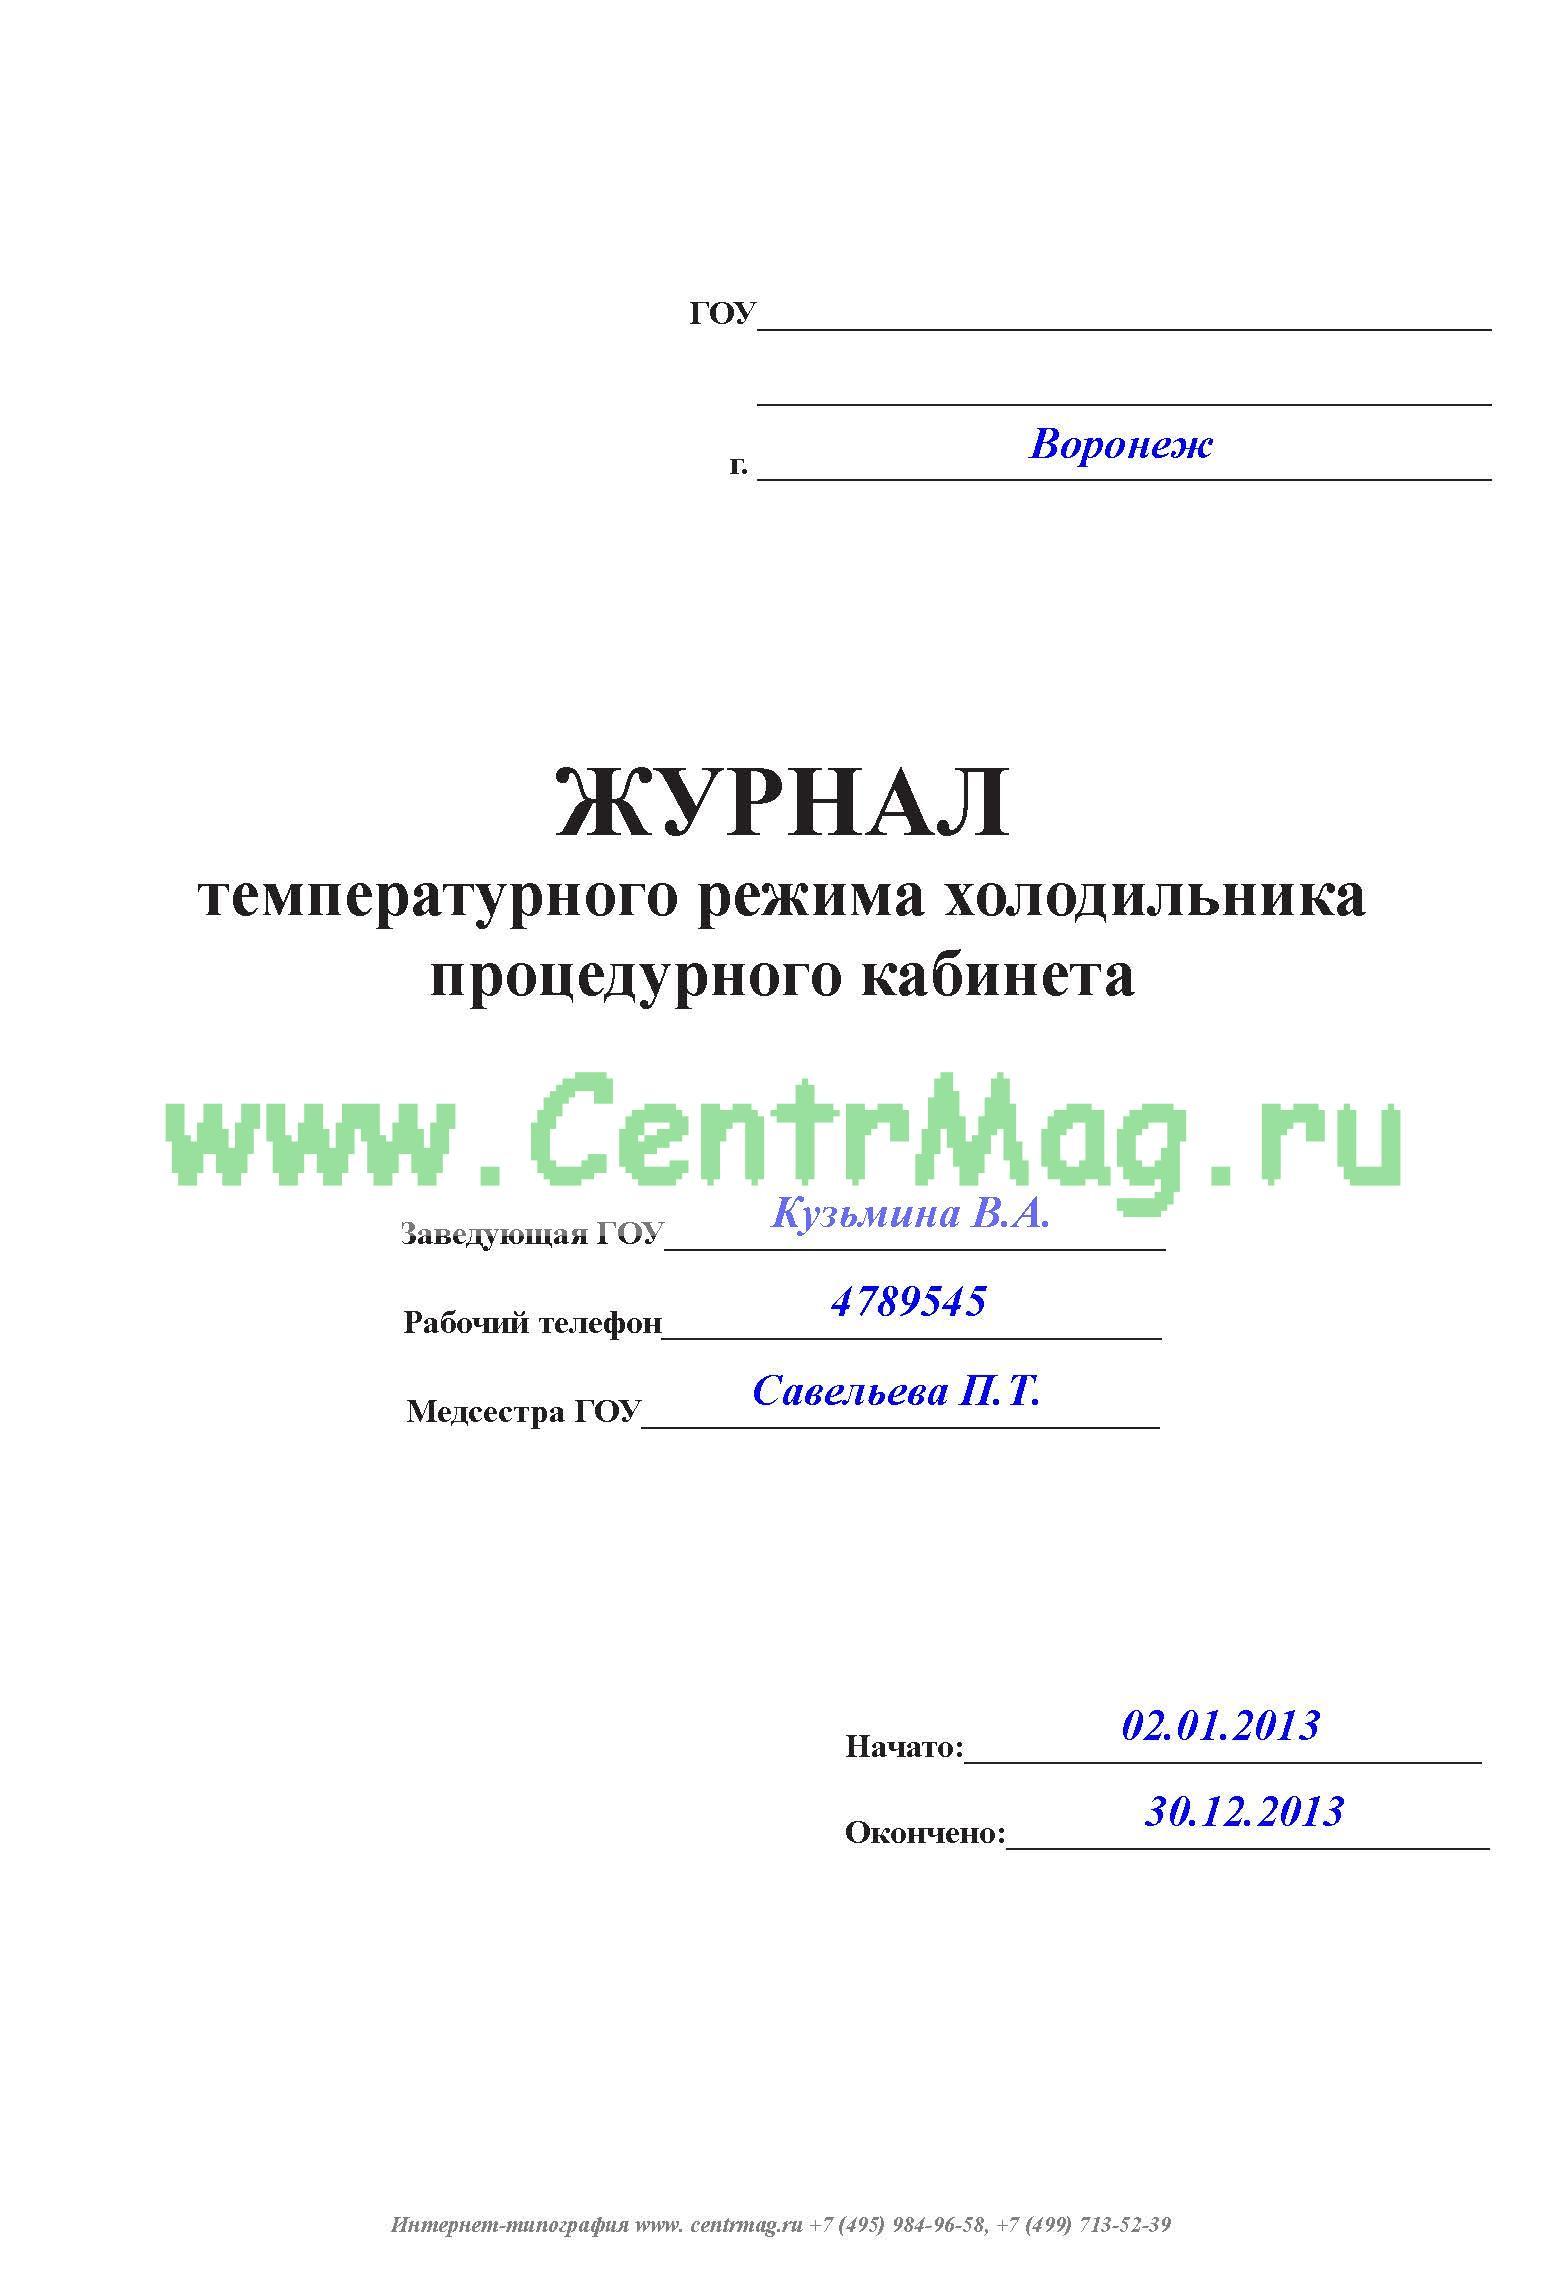 Журнал Температурного Режима Холодильника Образец